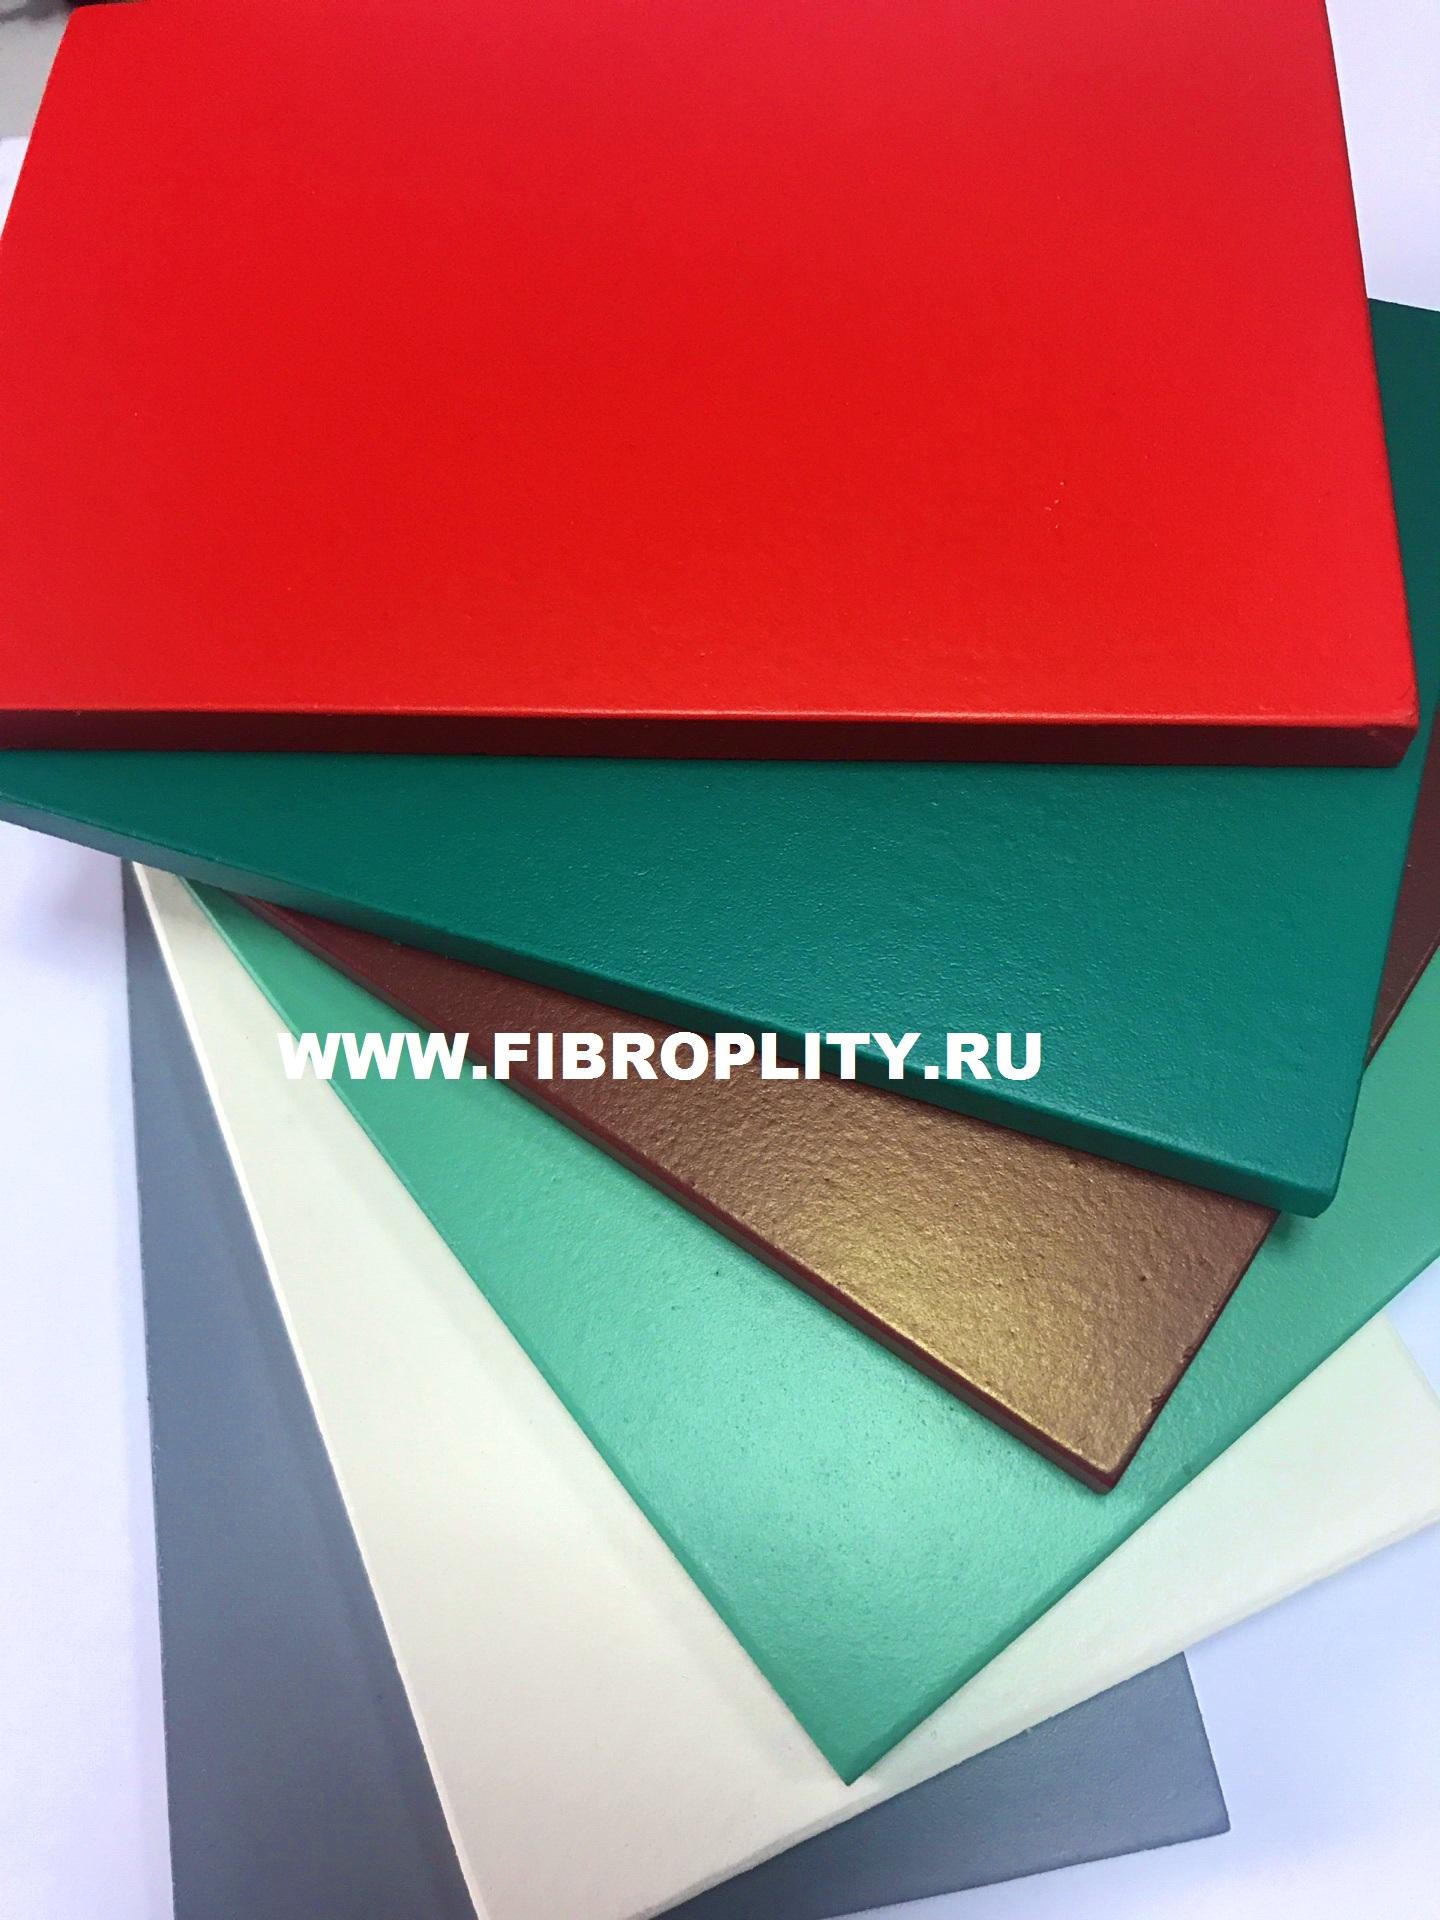 Фиброцементные фасадные панели от производителя - окрашенные в любой цвет, купить не дорого